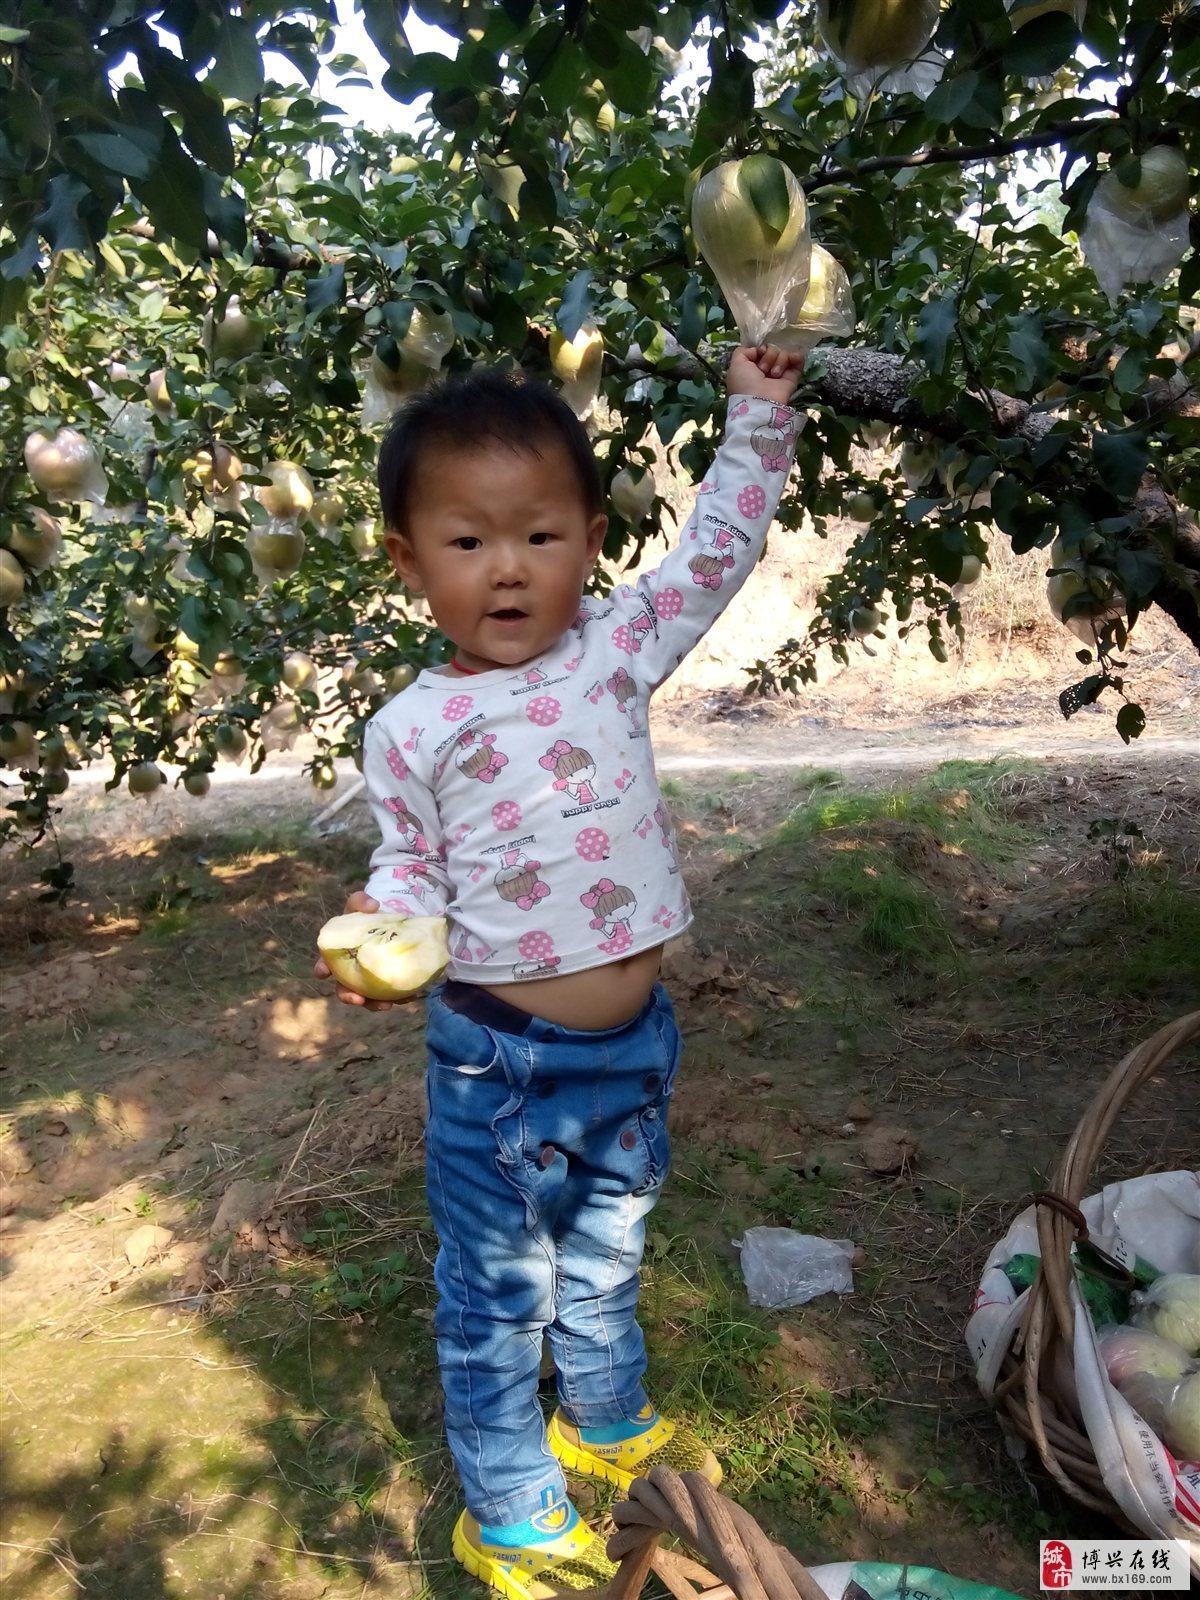 我叫张佳瑶,今年两岁半了,我喜欢唱歌跳舞,我是一个活泼可爱的小姑娘